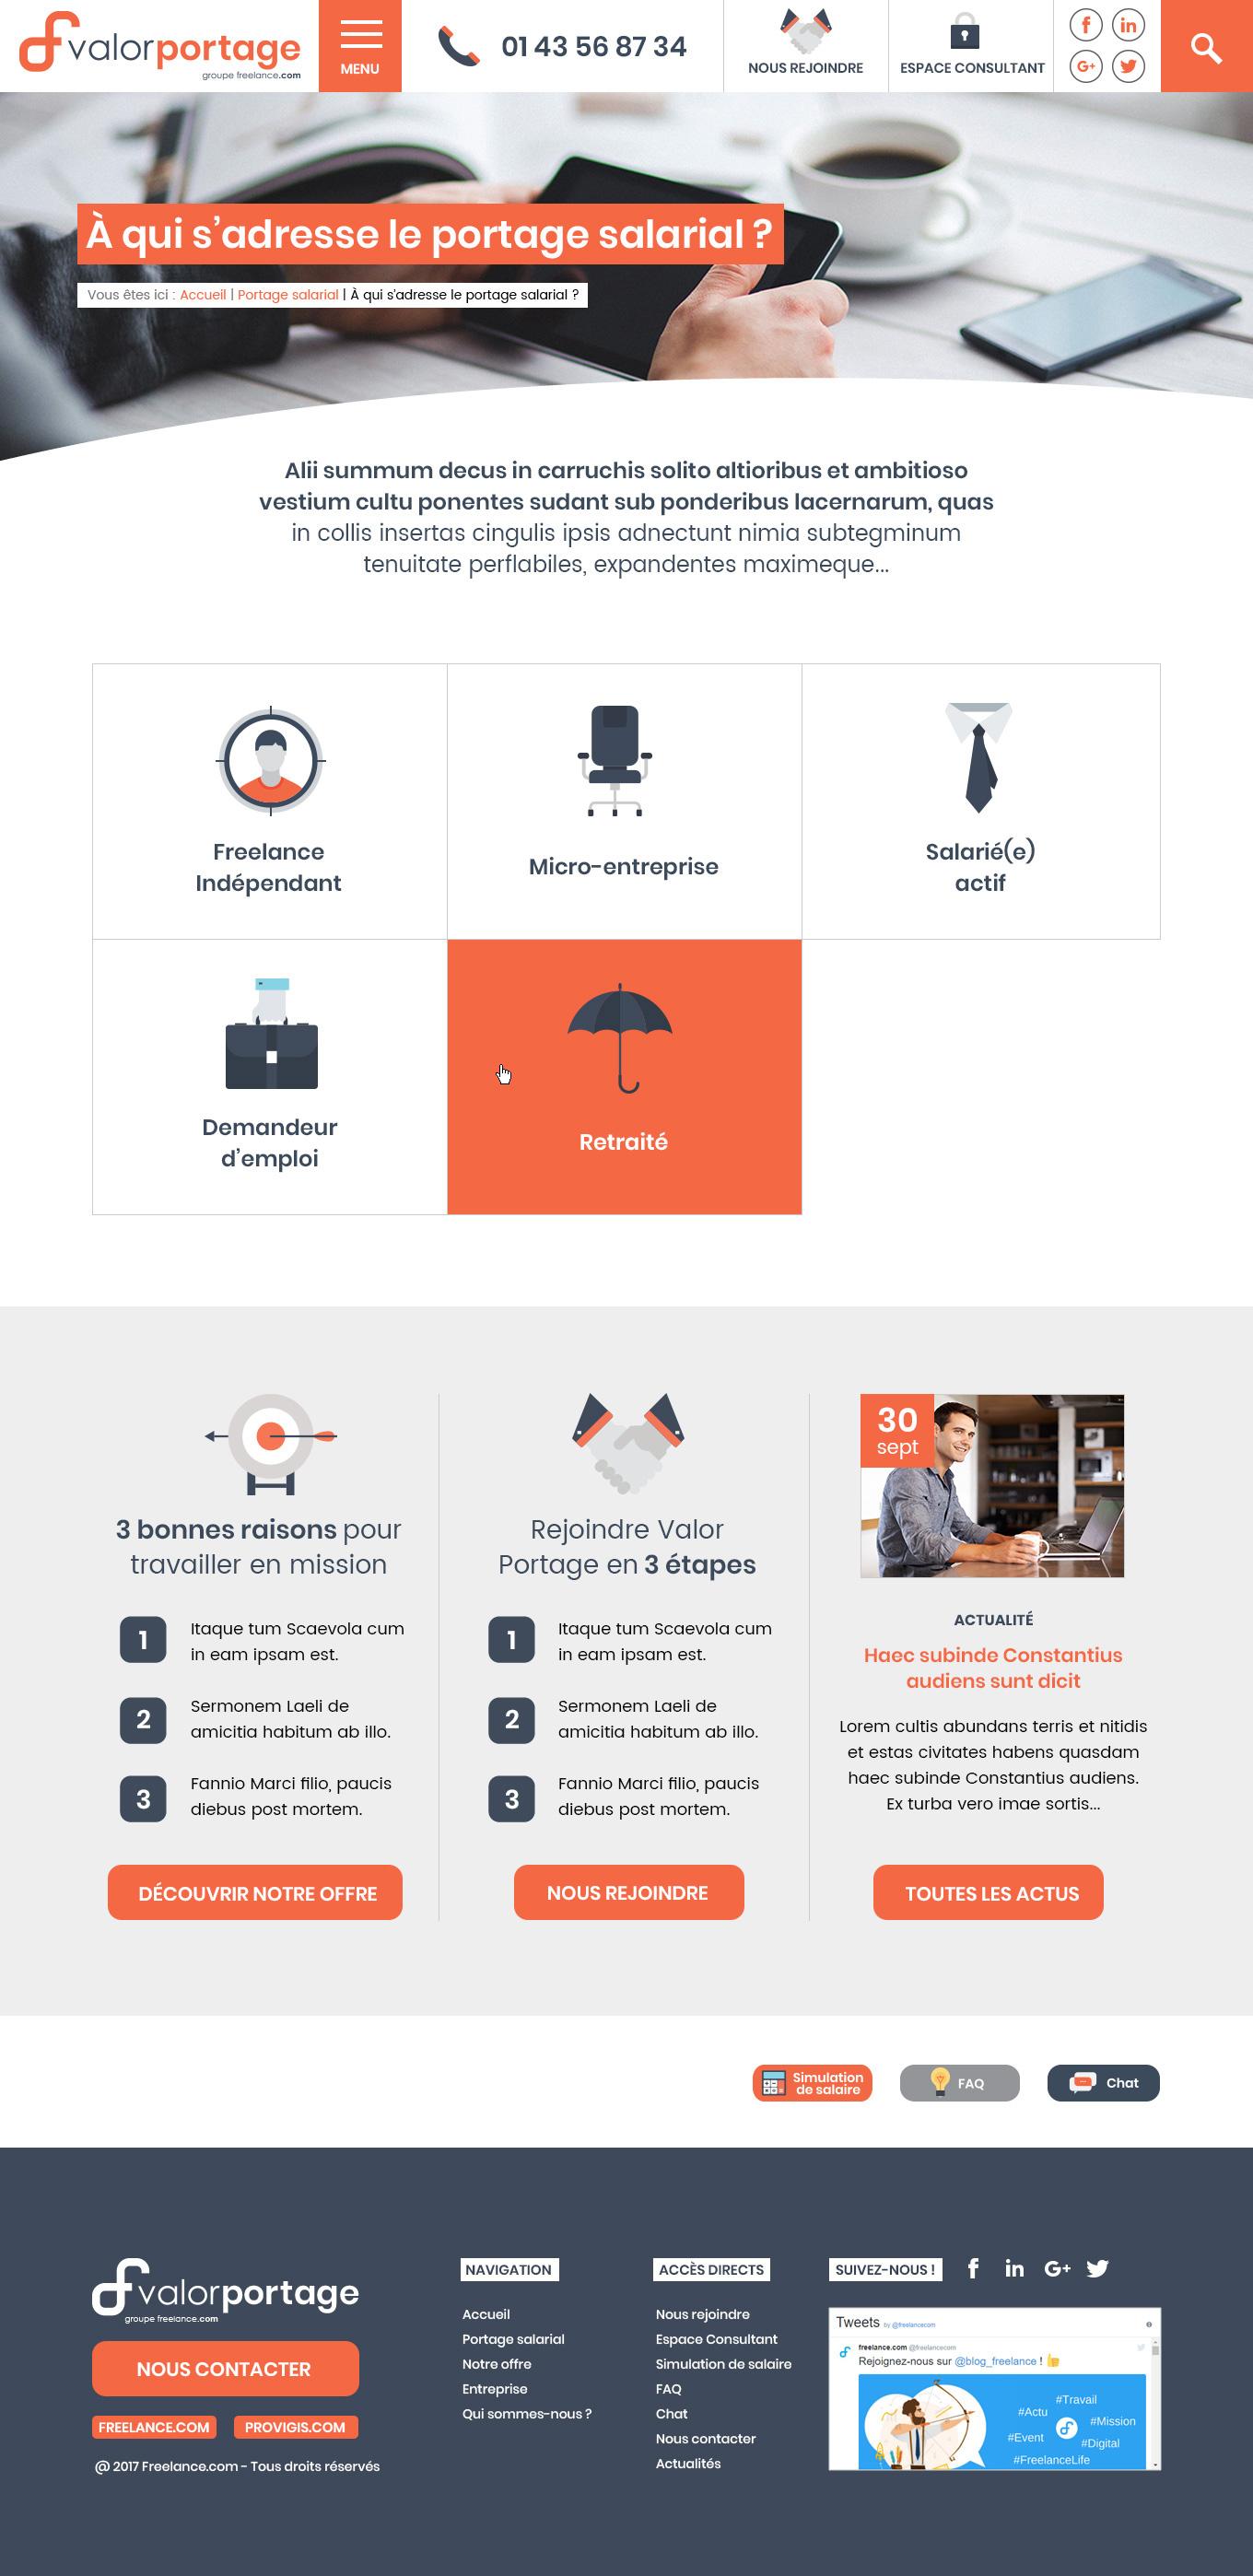 freelance-com-valor-portage-2